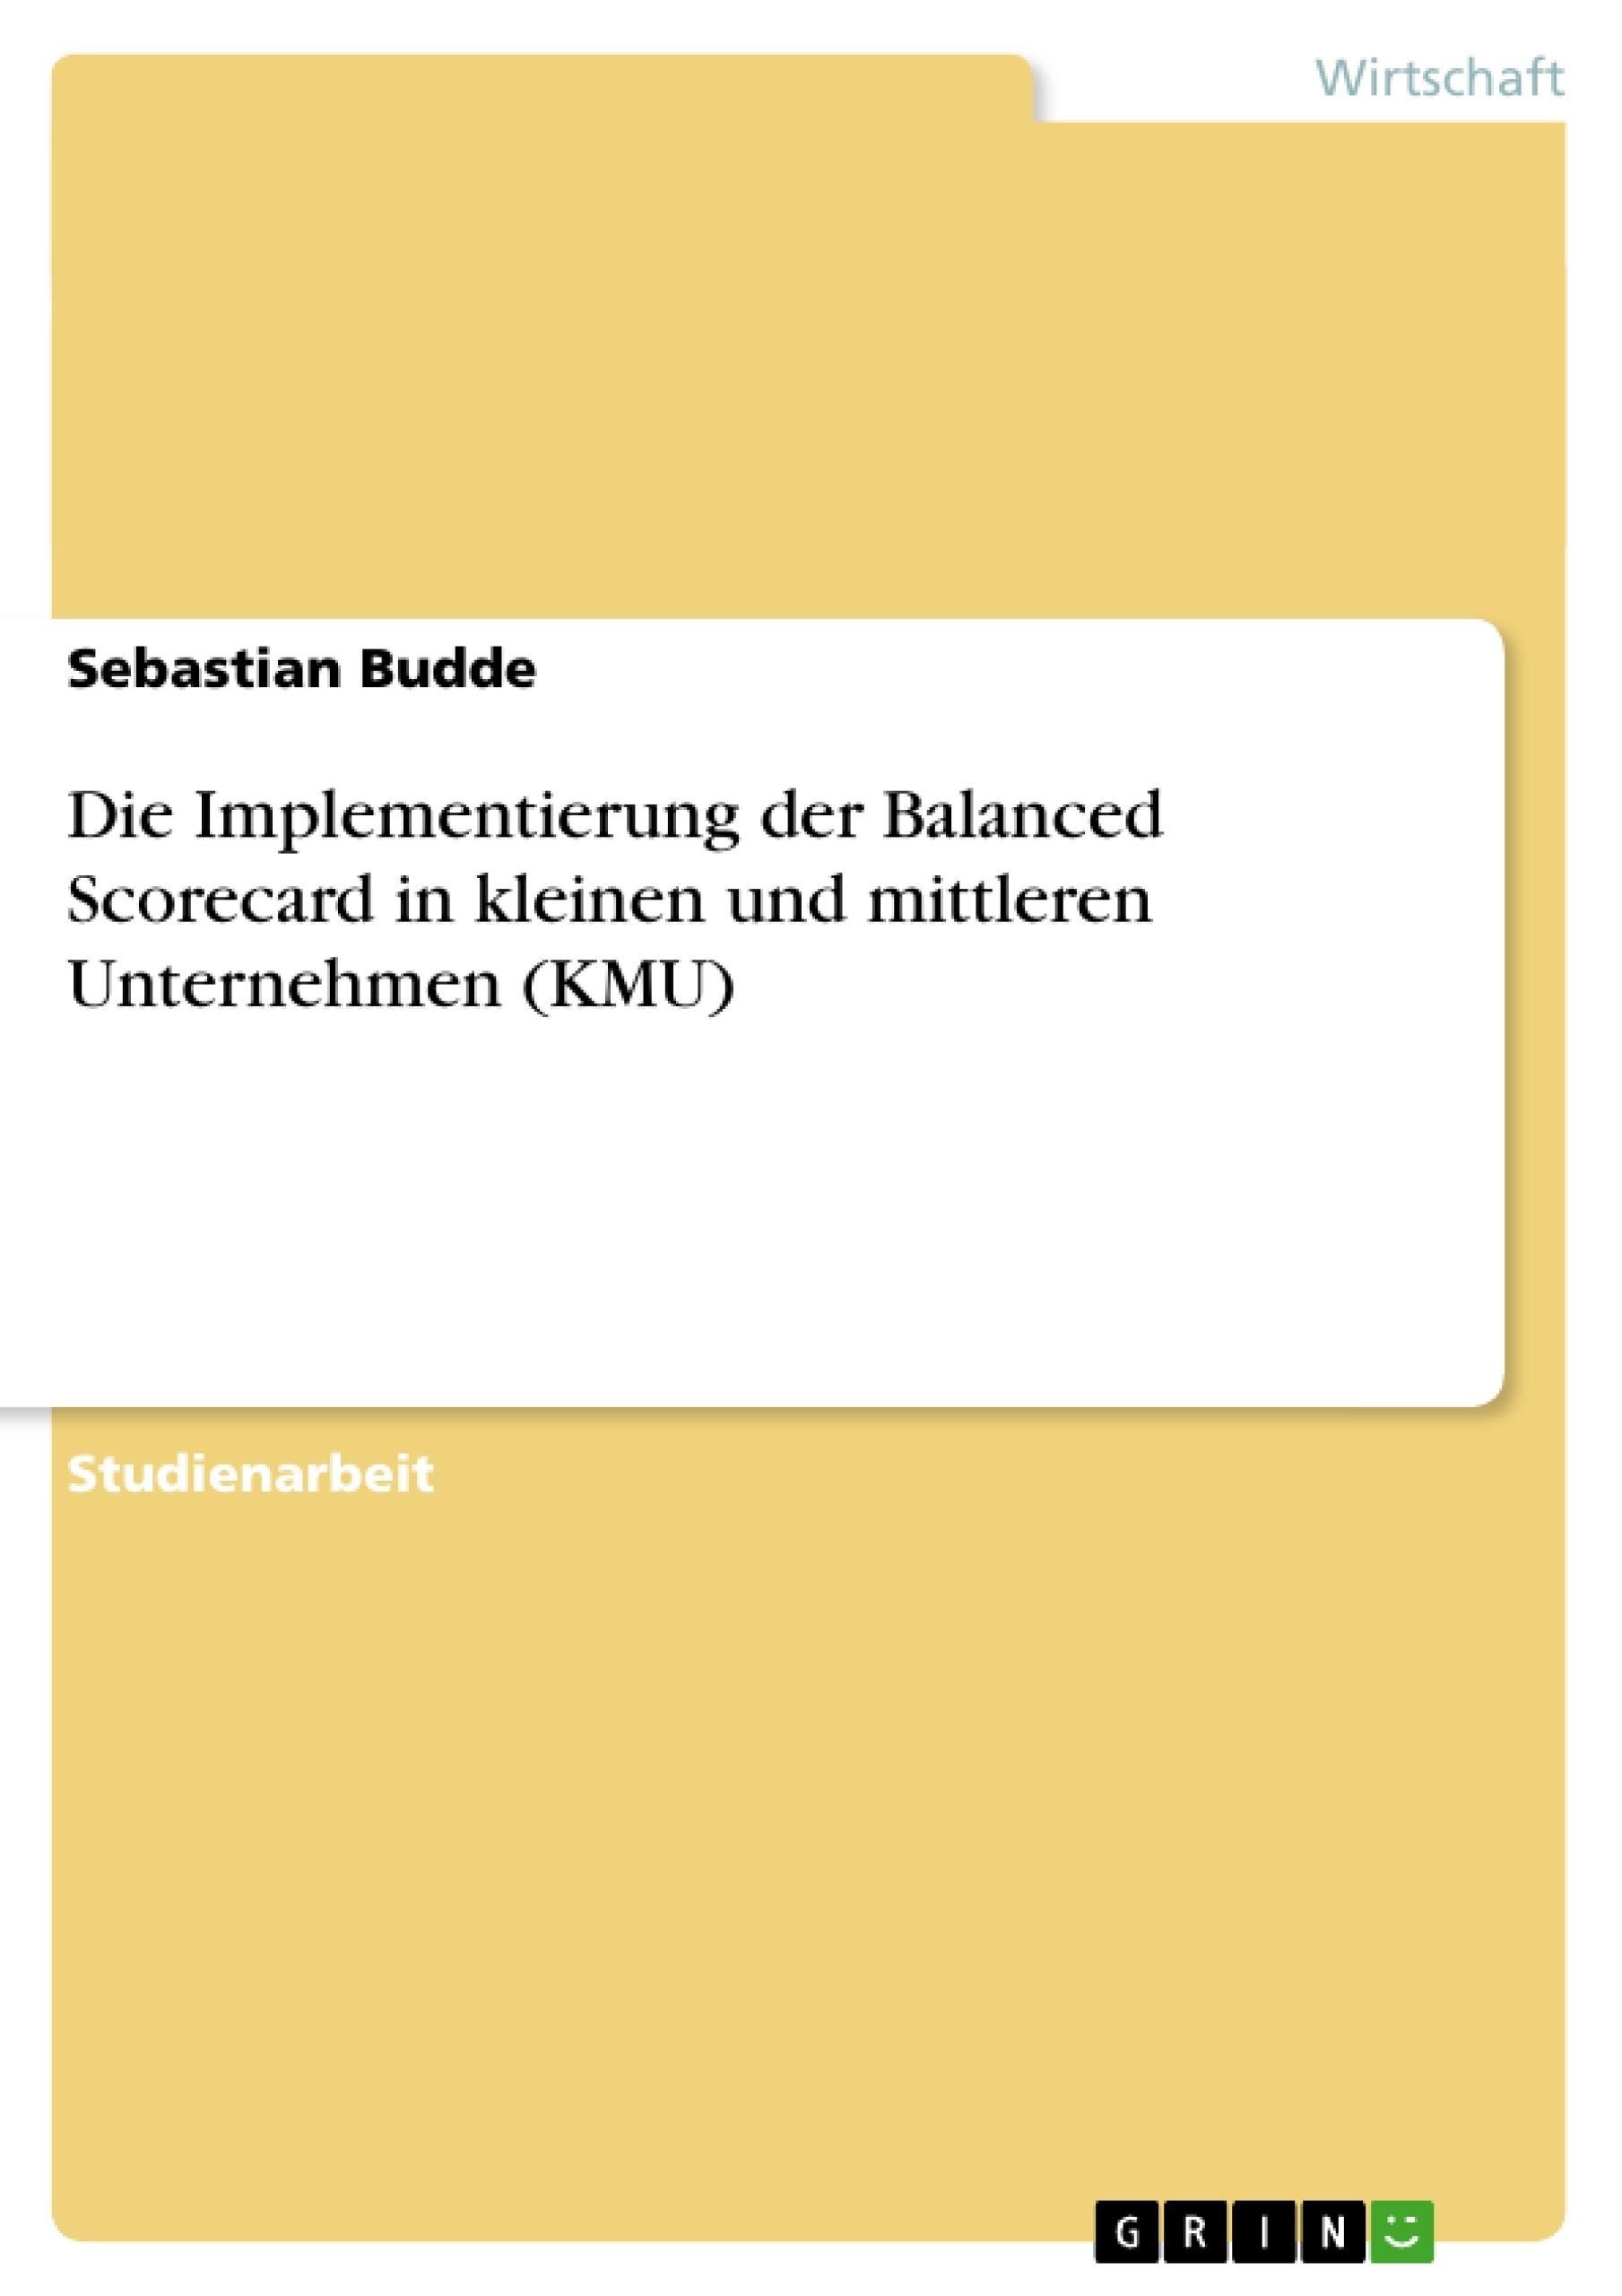 Titel: Die Implementierung der Balanced Scorecard in kleinen und mittleren Unternehmen (KMU)